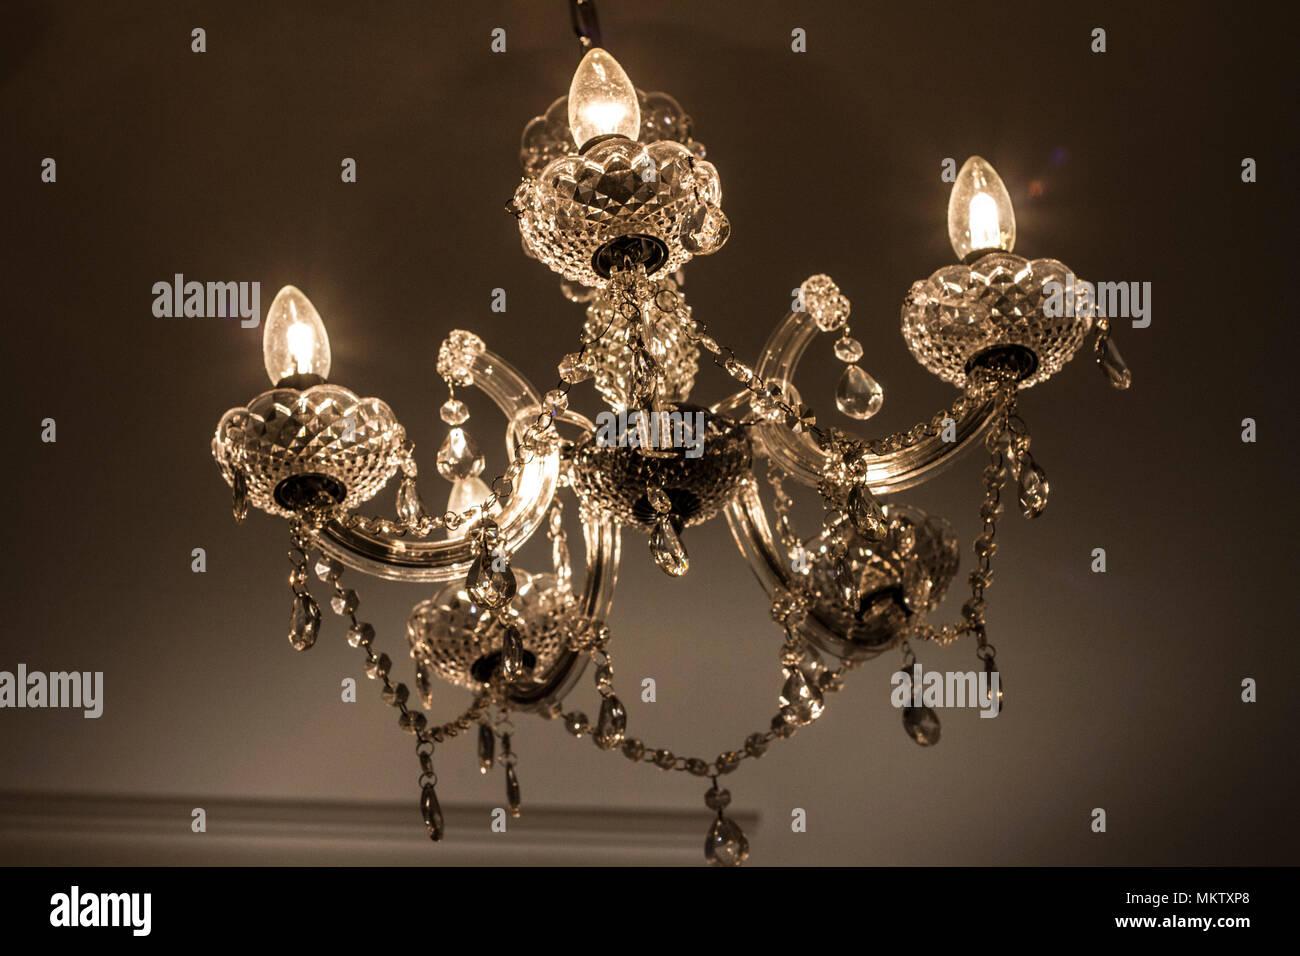 Kristalle Für Kronleuchter ~ Beleuchtung kronleuchter lampenschirm lightshade hängenden